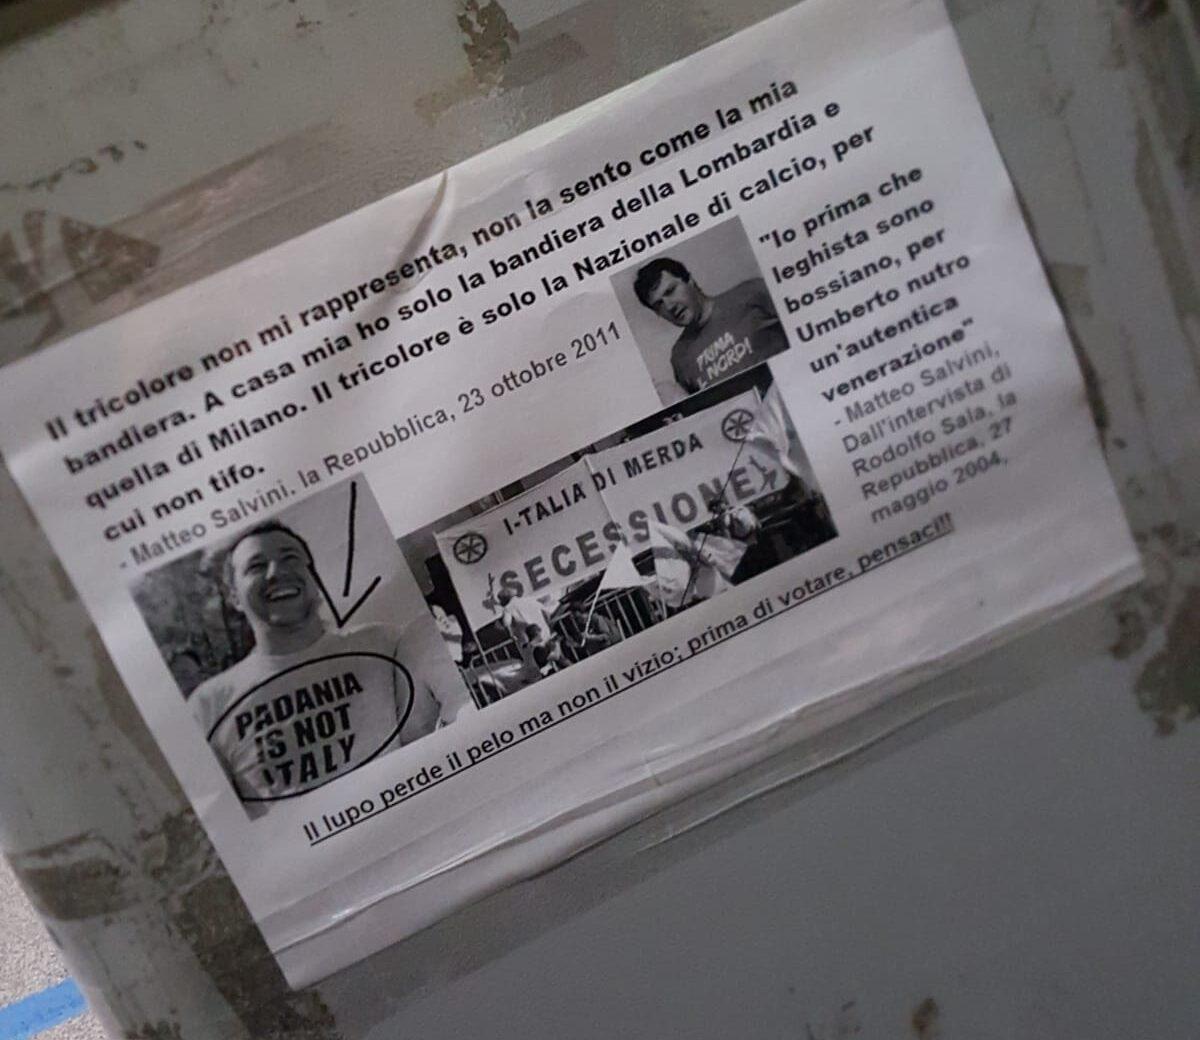 Comparsi manifesti contro Salvini ad Avezzano